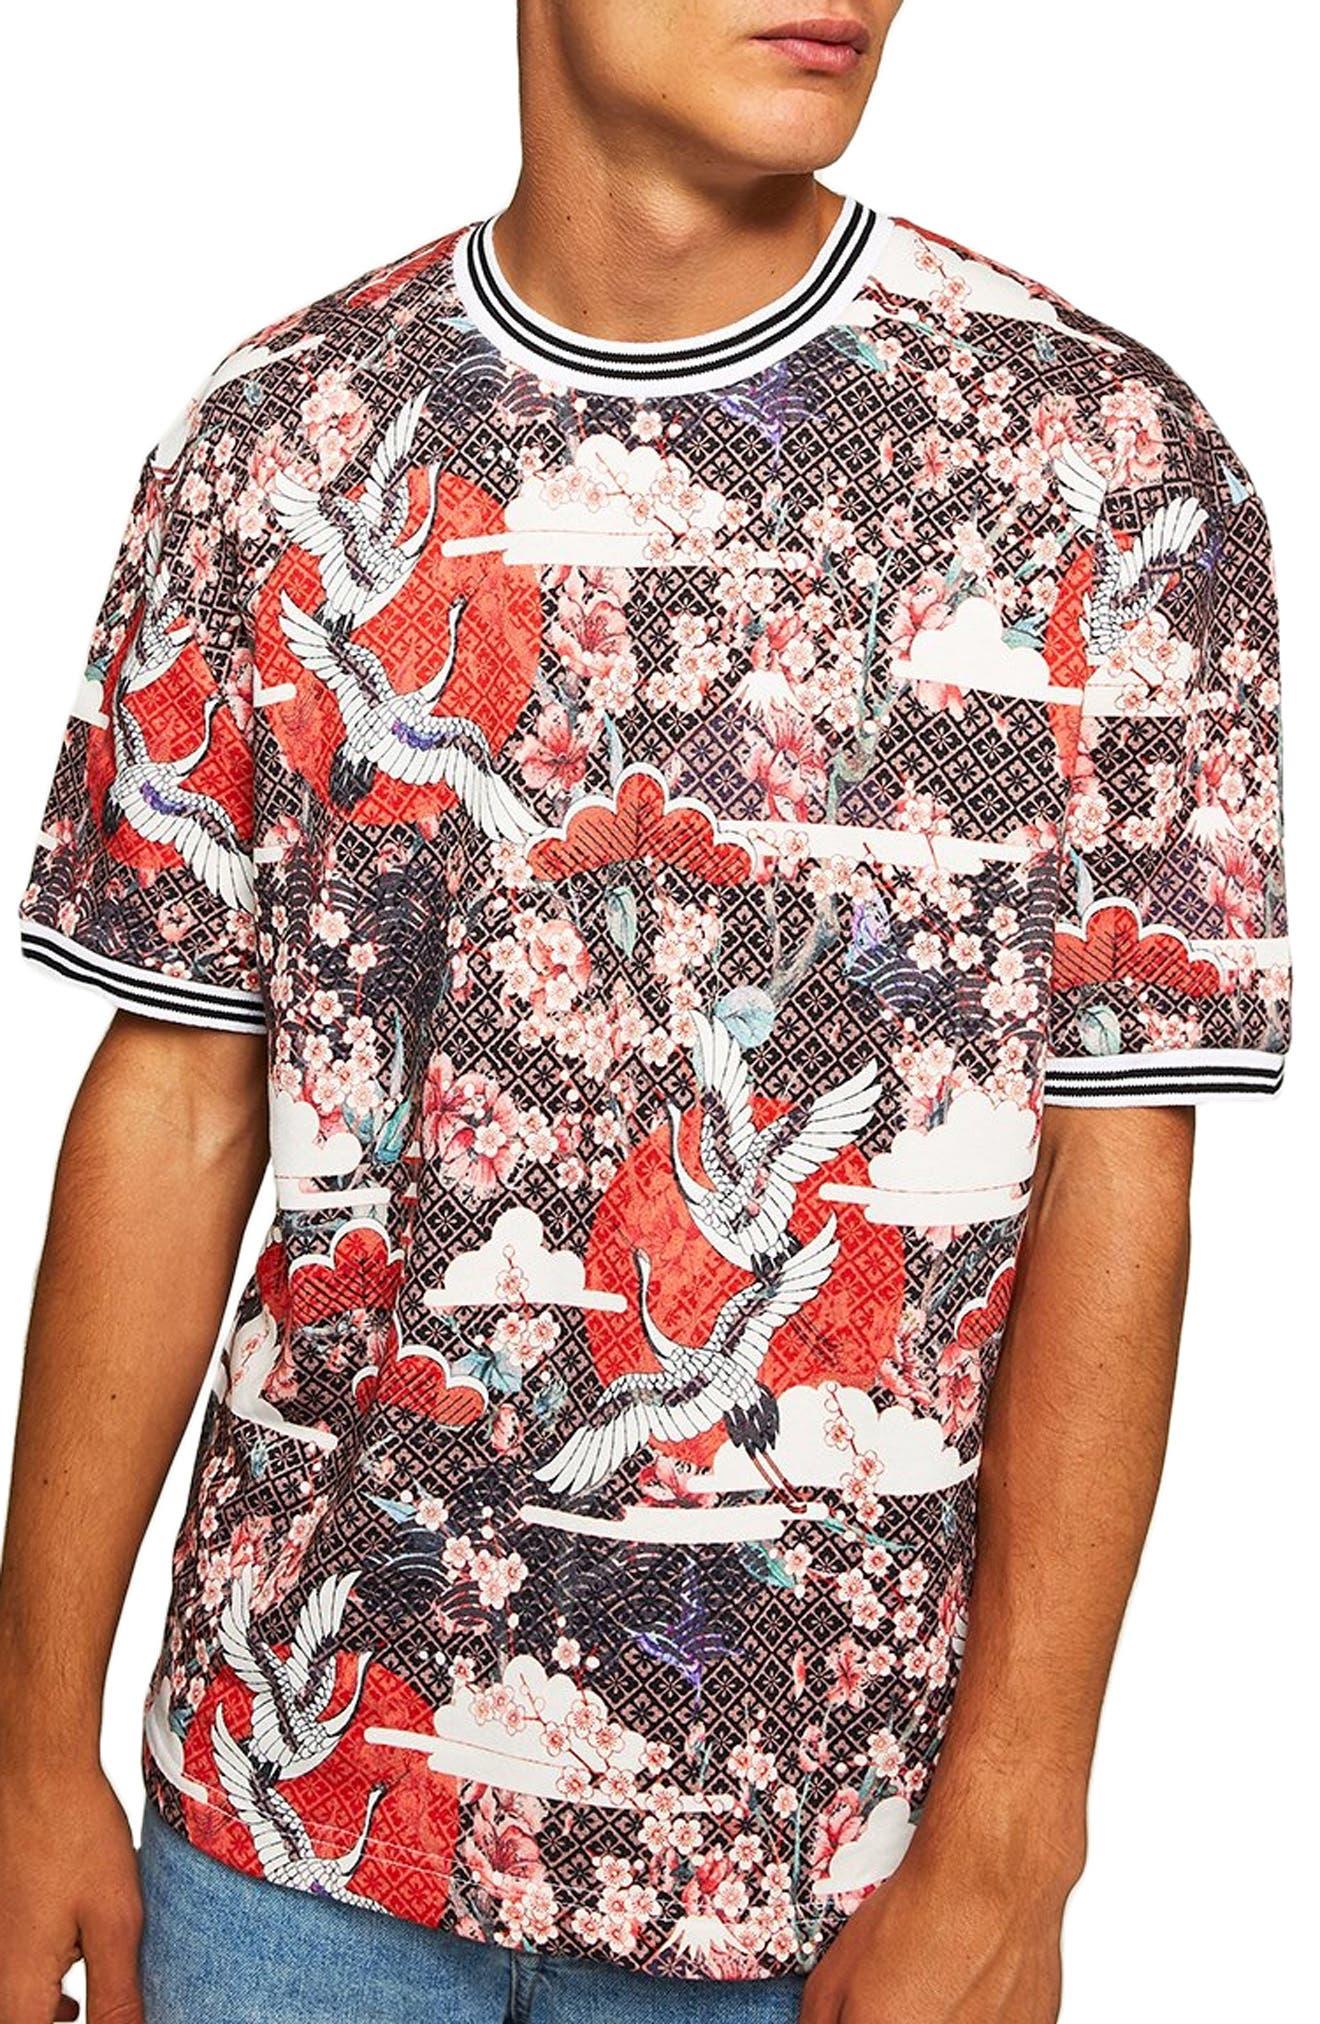 Japanese Tile Print Short Sleeve Sweatshirt,                             Main thumbnail 1, color,                             600